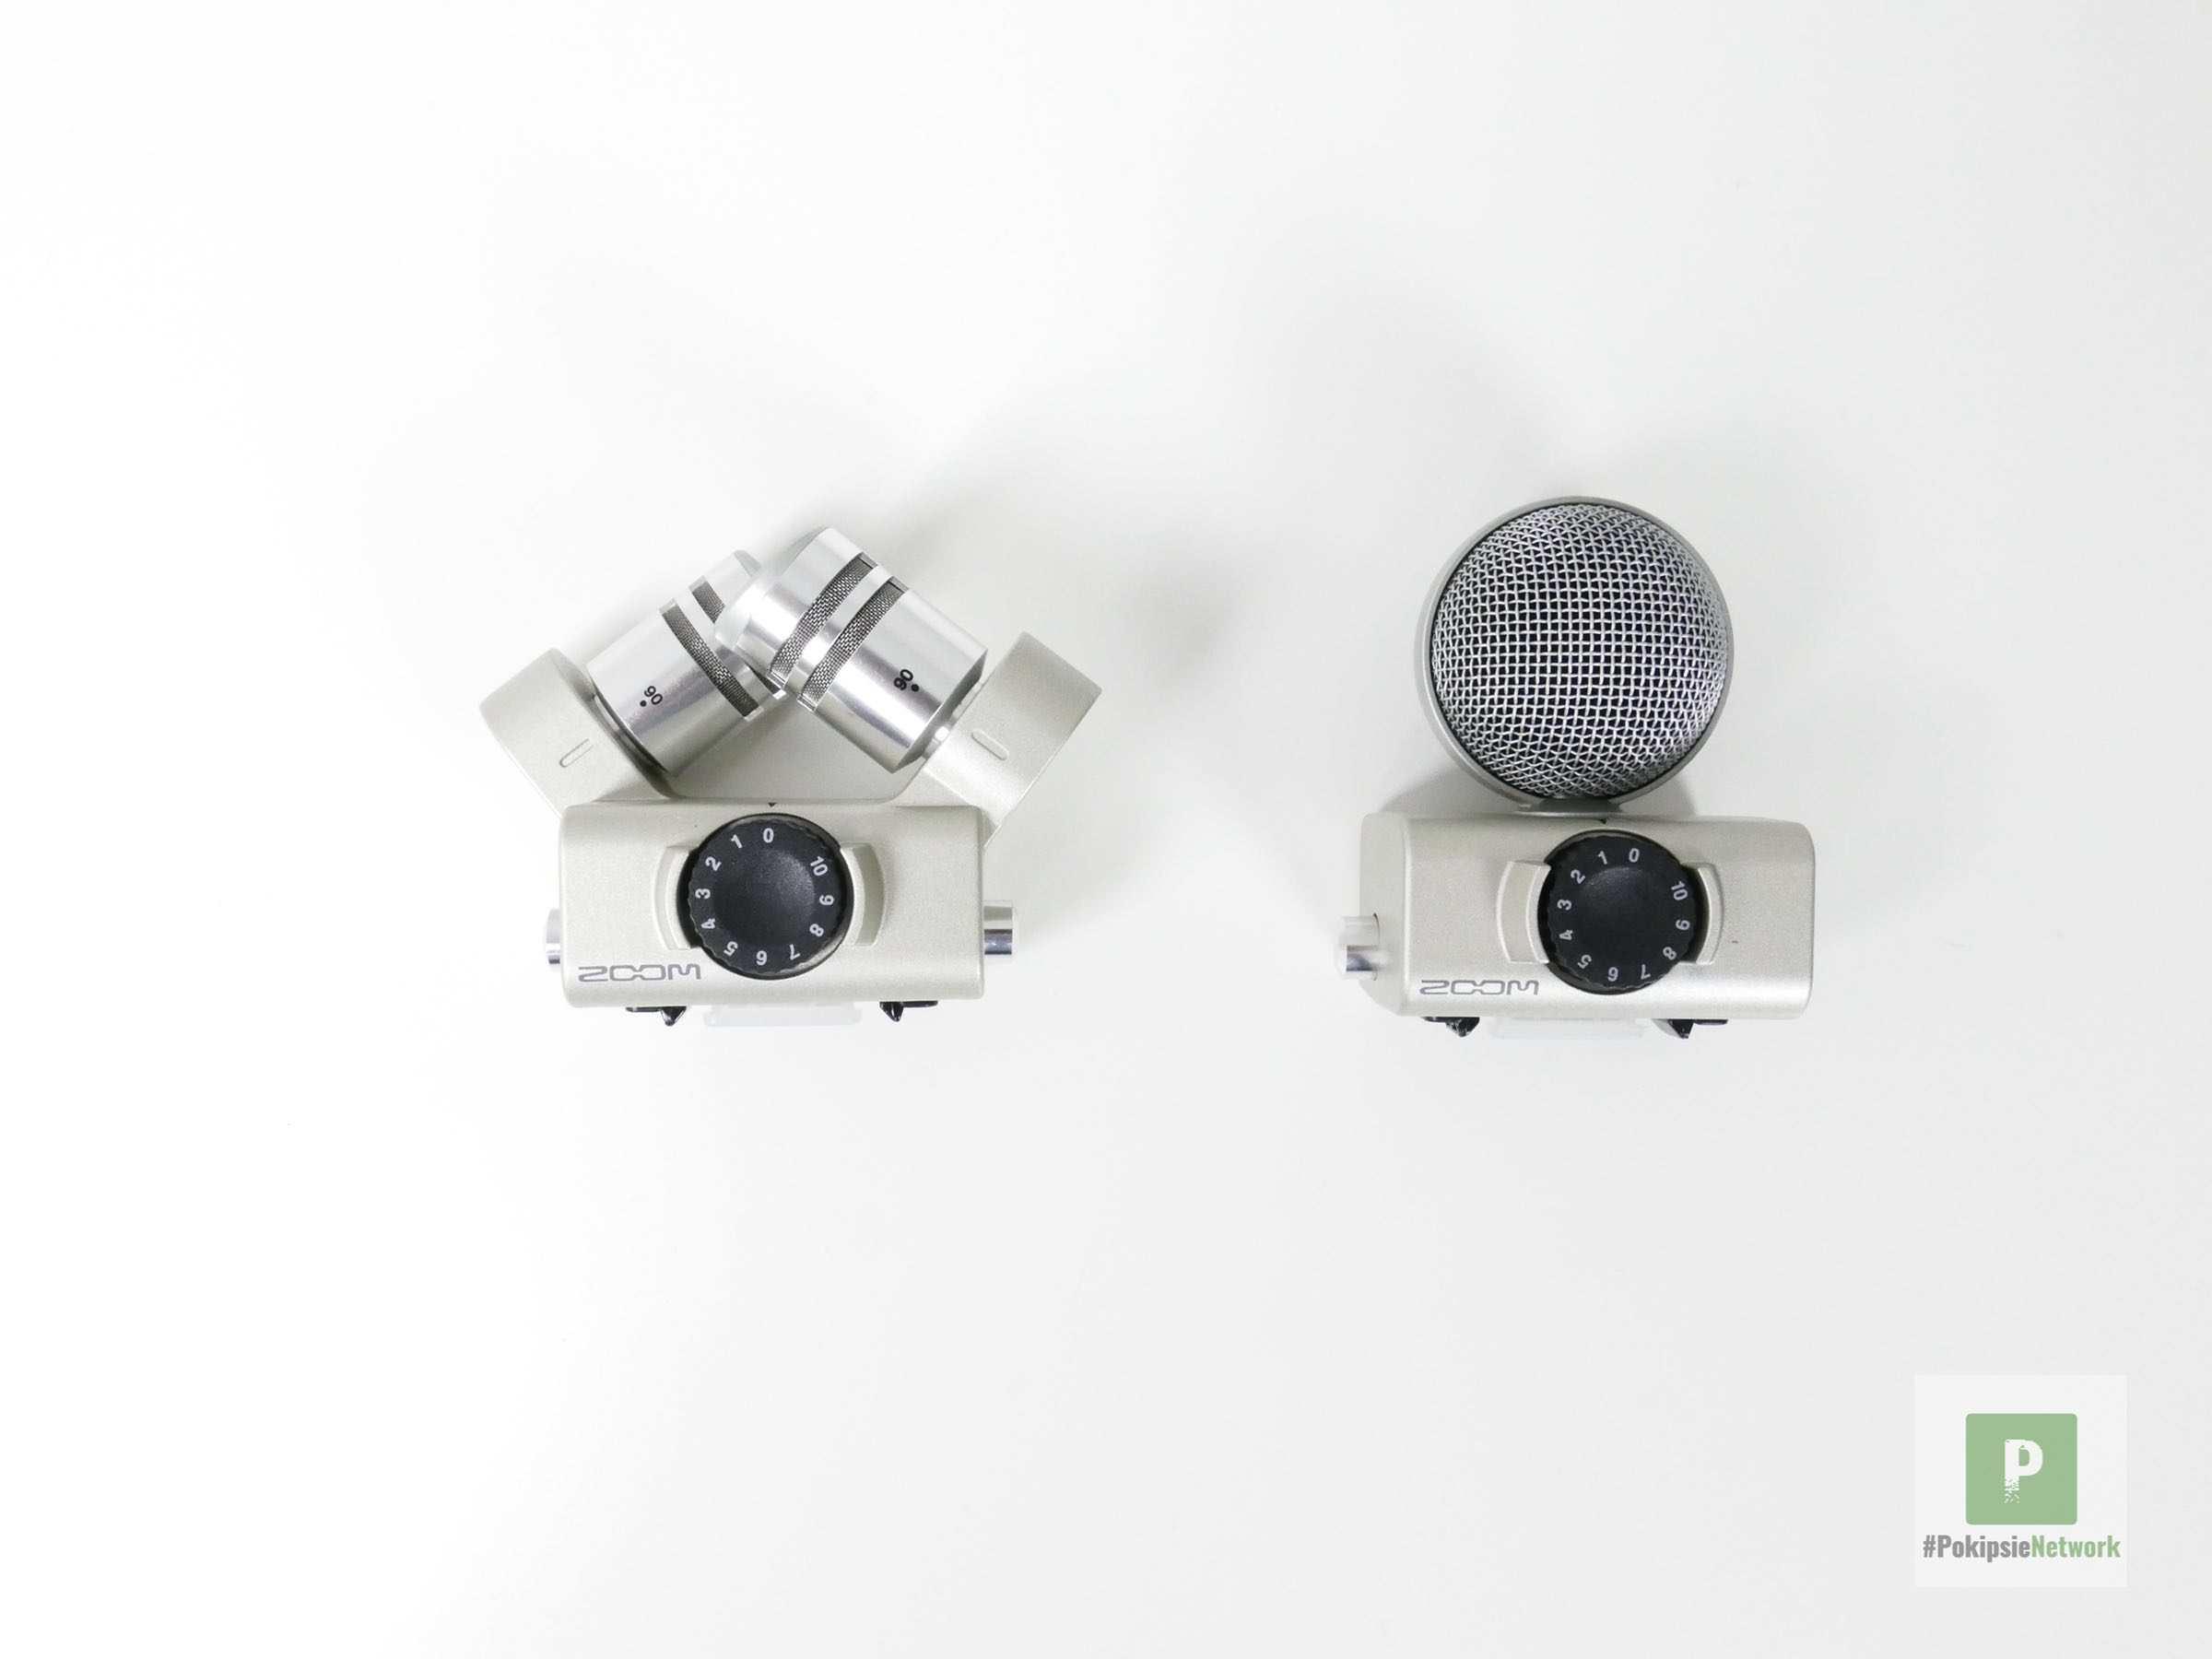 Zoom H6 - die beiden Module